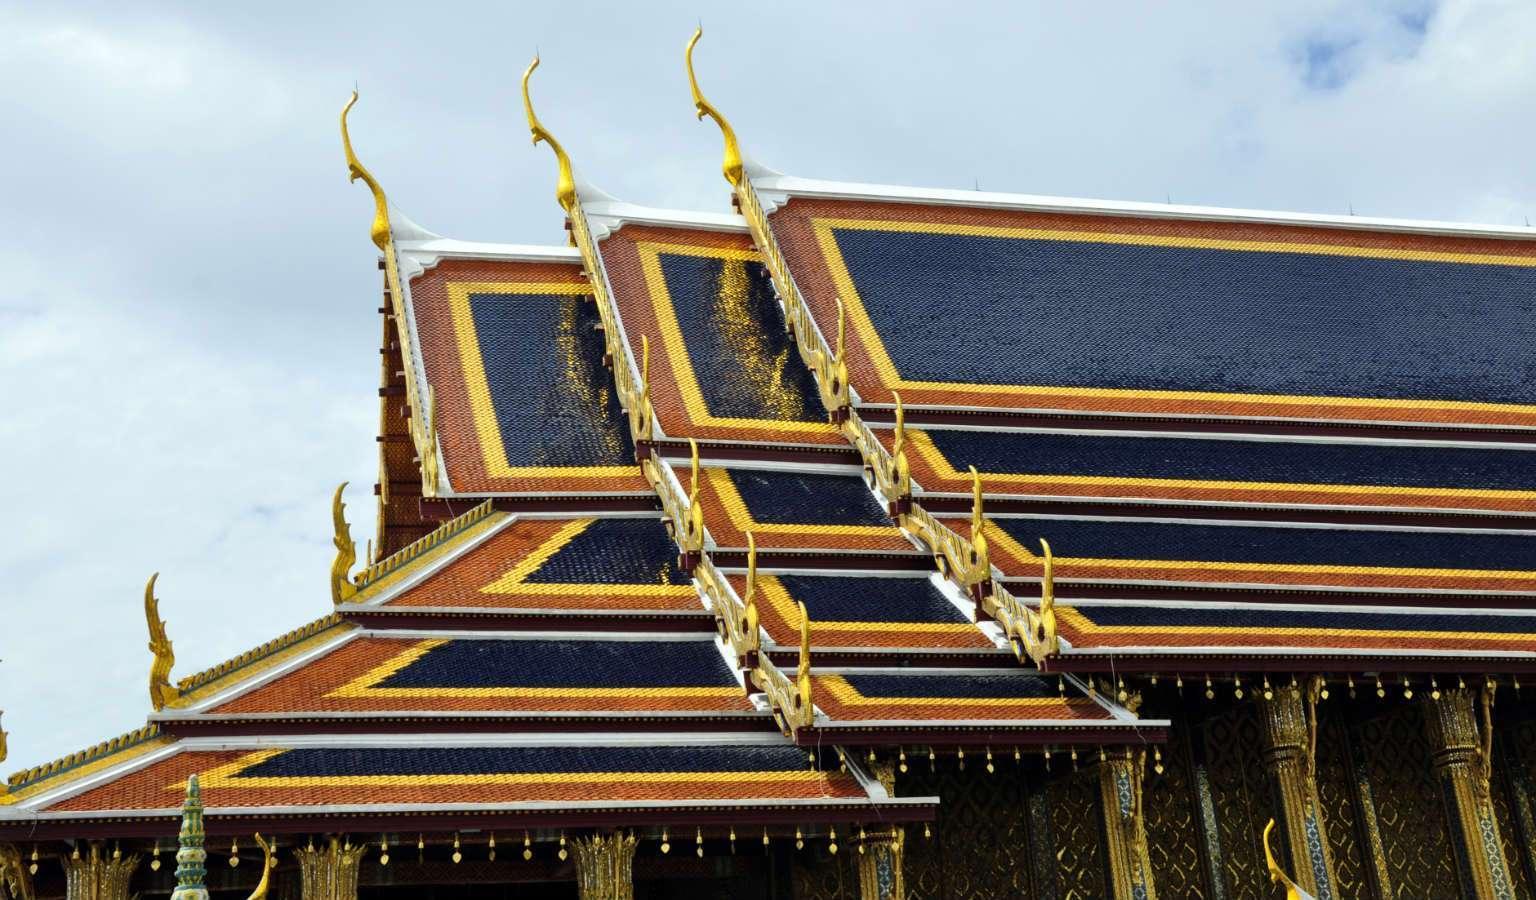 Het dak van de Wat Phra Kaew, tempel van De Smaragdgroene Boeddha op het Grand Palace terrein in Bangkok, Thailand